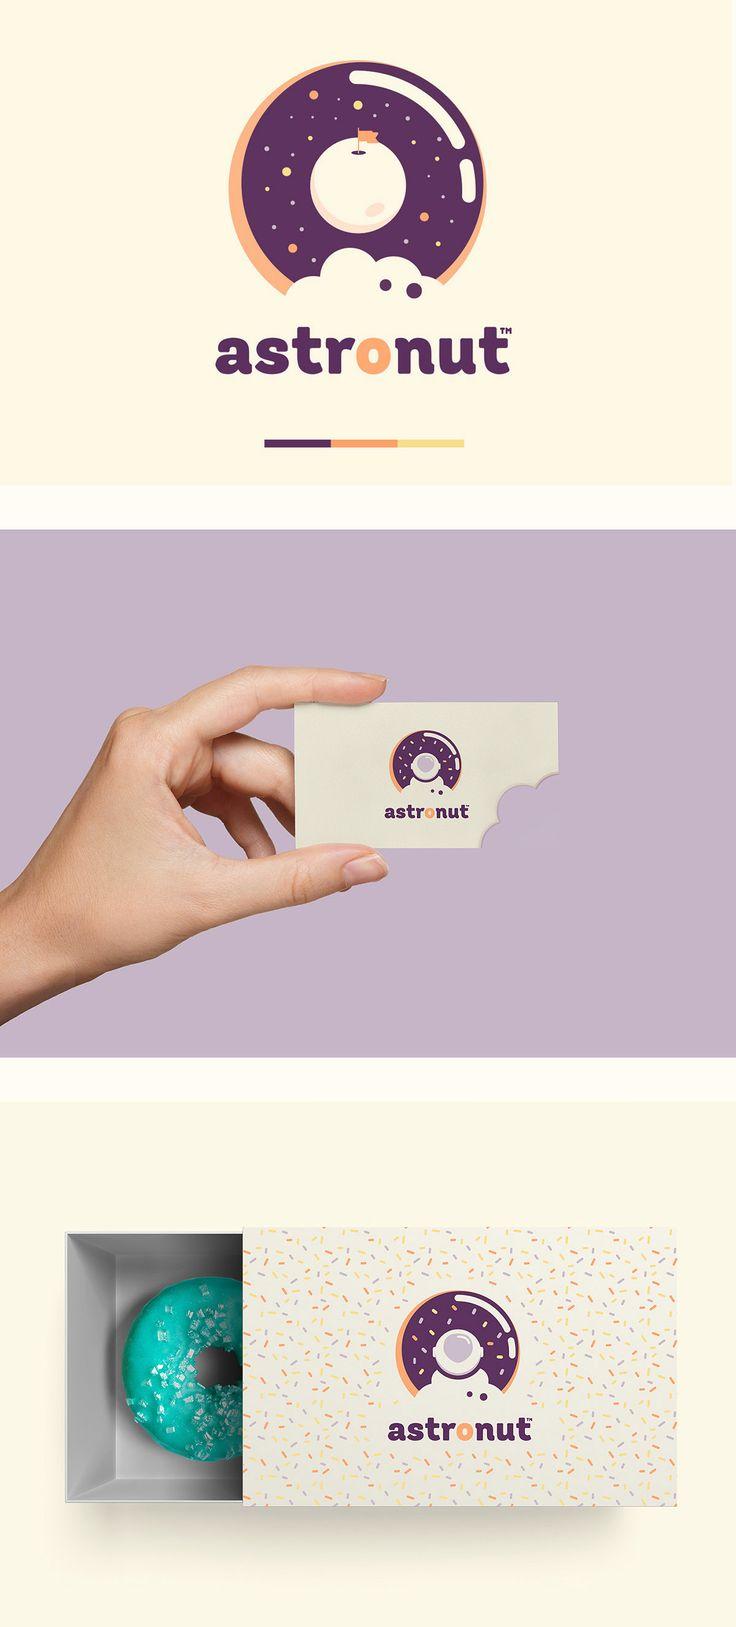 Les comparto el portafolio deSuper Magic Friend,un despacho de diseñocon base en la ciudad de México del cuál no sabemos mucho pero su portafolio esta plagado de buenas propuestas de branding y algo de ilustración, no tiene desperdicio!Super Magic Friend